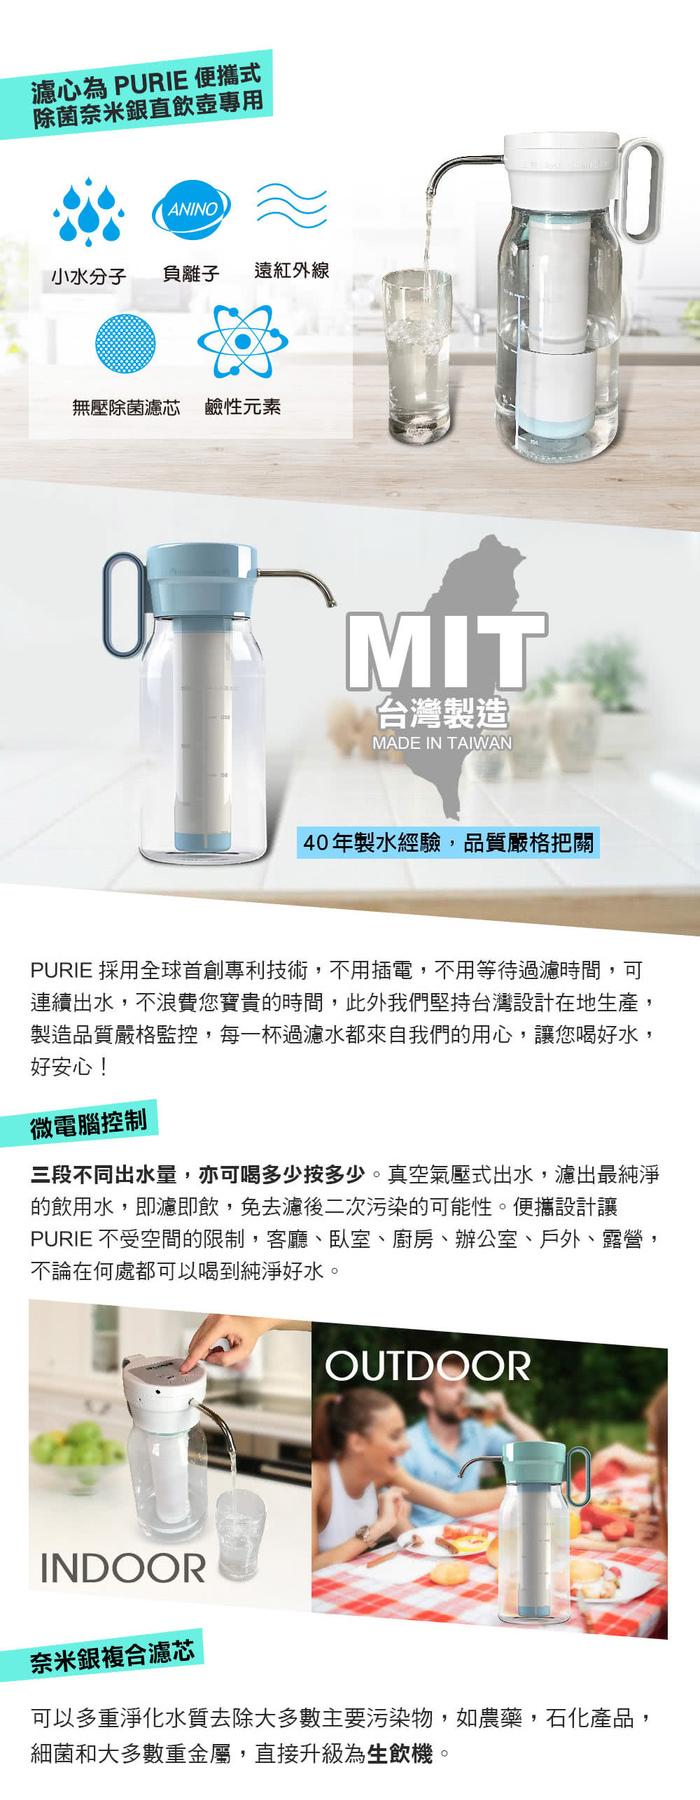 Purie 普瑞 便攜式除菌奈米直飲壺專用濾心(奈米銀複合濾心 殺菌率99.9%)